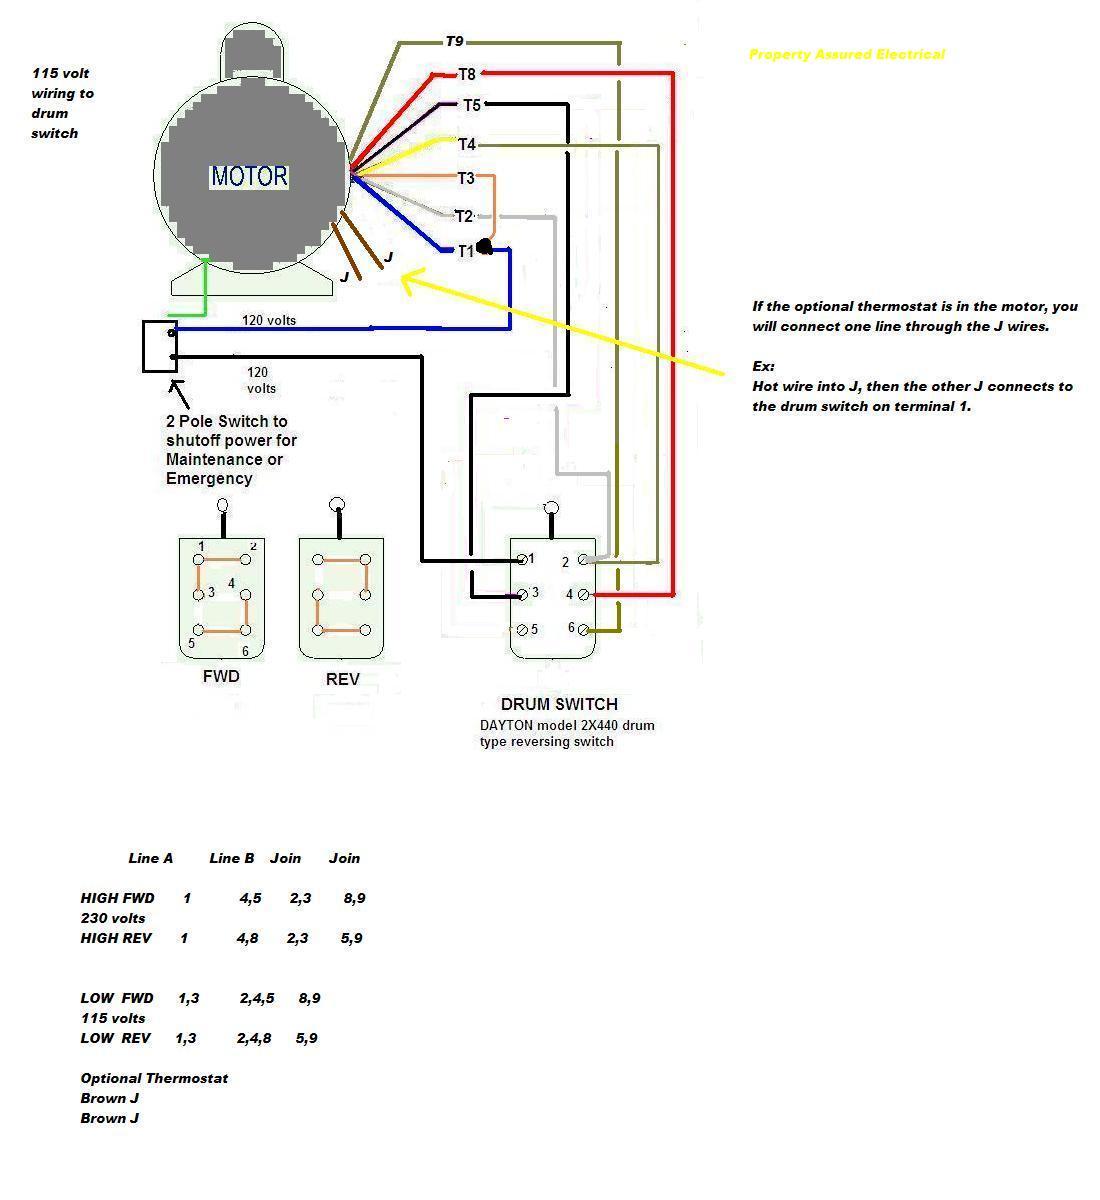 Electric Motor Wiring Diagram 220 To 110 Sample   Wiring Diagram Sample - Electric Motor Wiring Diagram 220 To 110